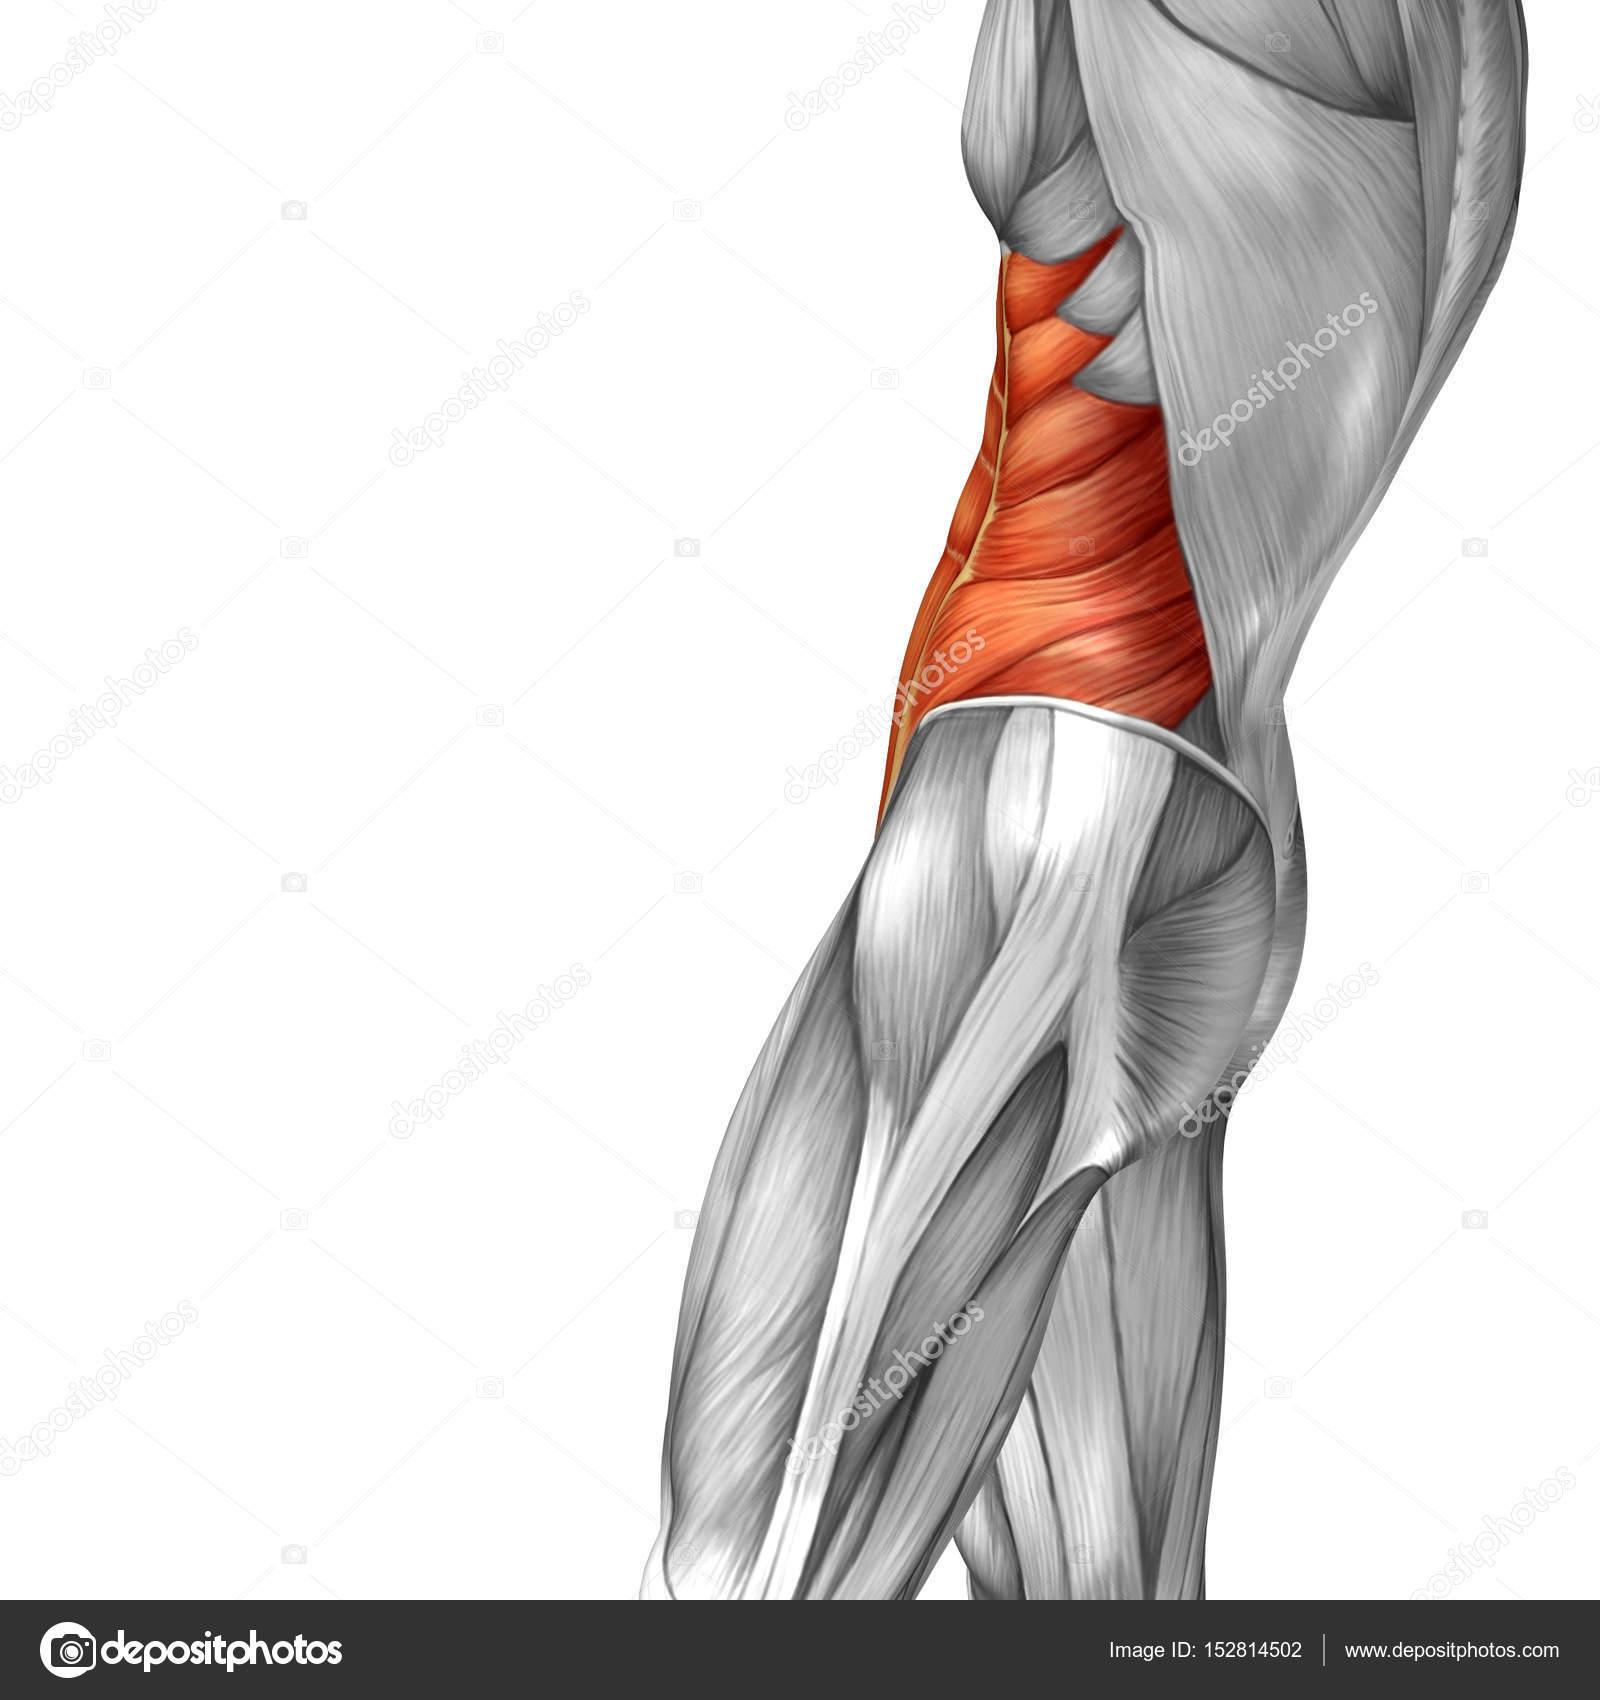 menschliche Bauchfell Anatomie — Stockfoto © design36 #152814502